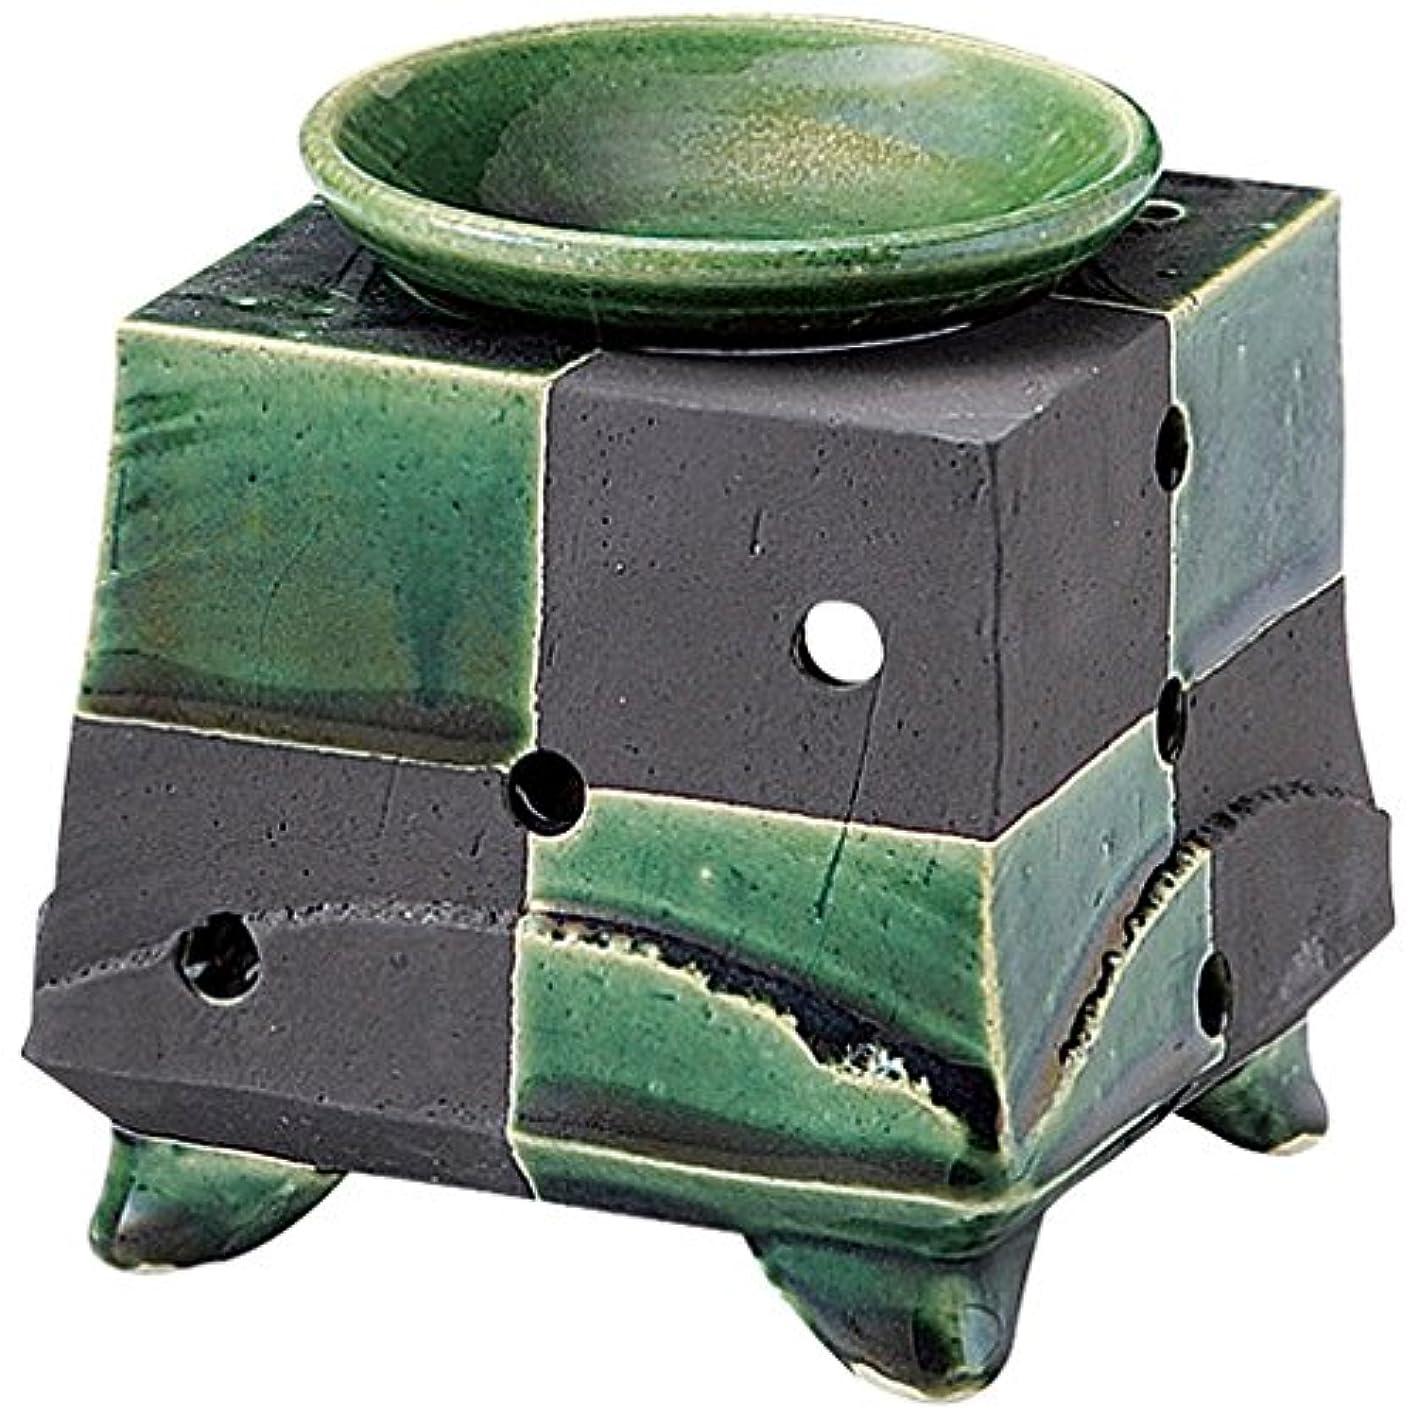 ひどくボード辛い山下工芸 常滑焼 佳窯織部黒市松茶香炉 11.5×11.5×11.5cm 13045770